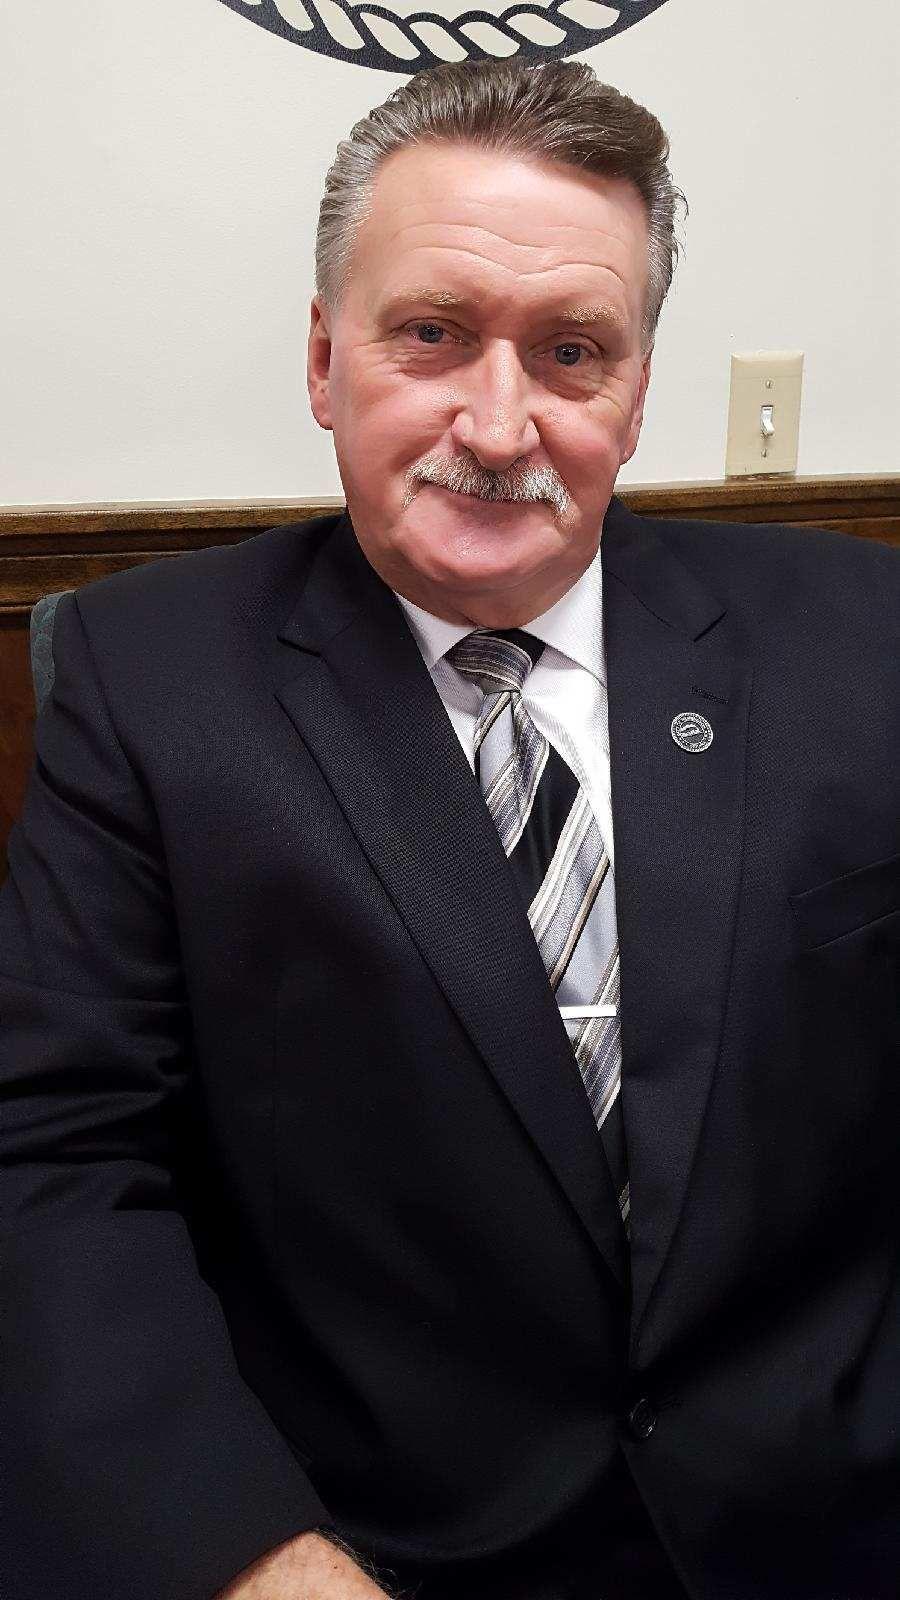 Mayor Rhoads